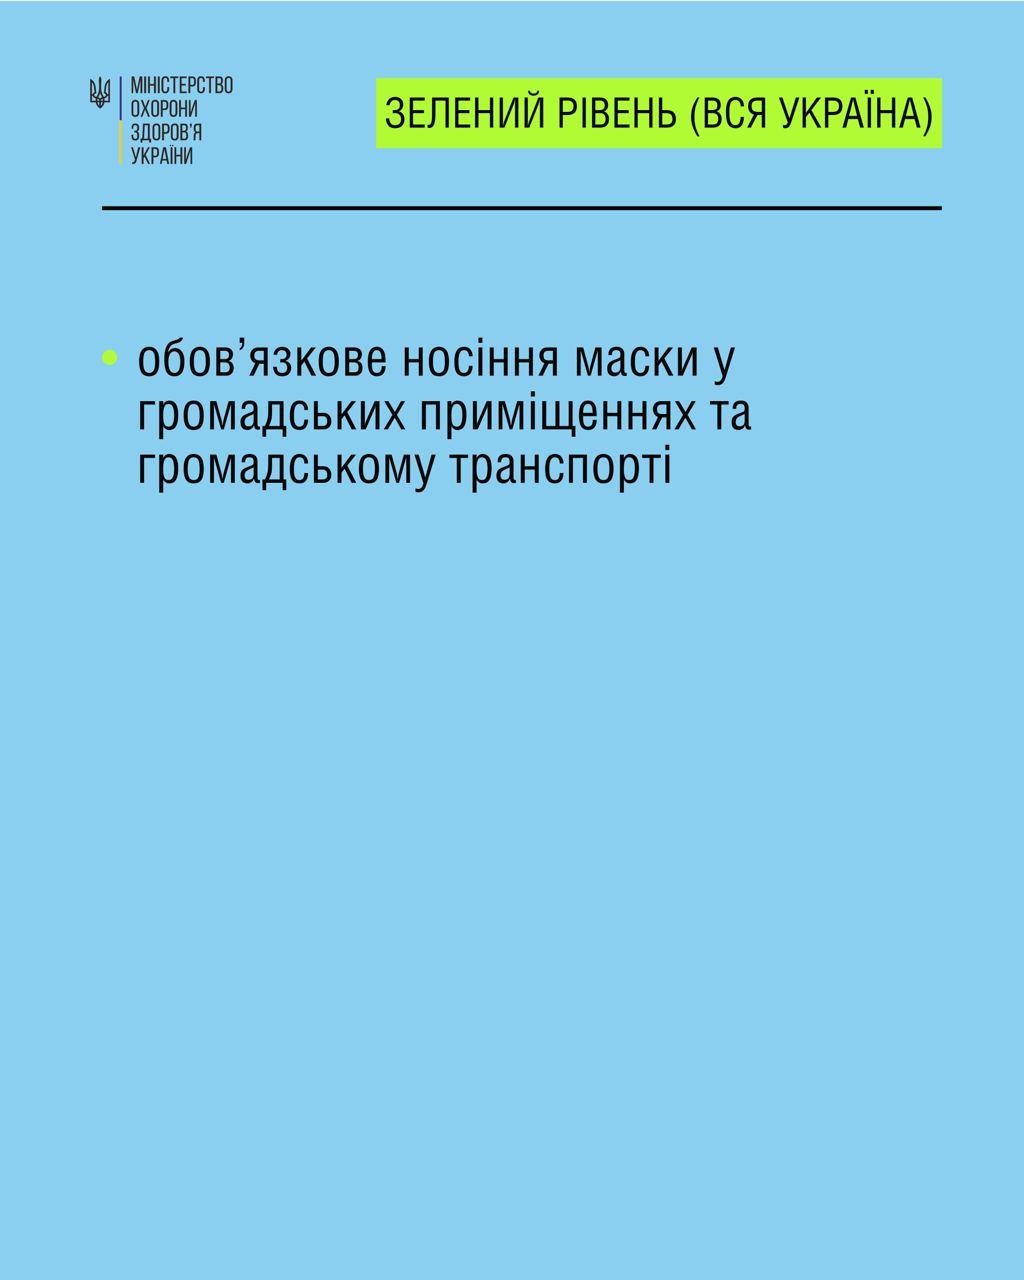 Карантин в Украине: какие правила действуют и когда ждать ужесточения